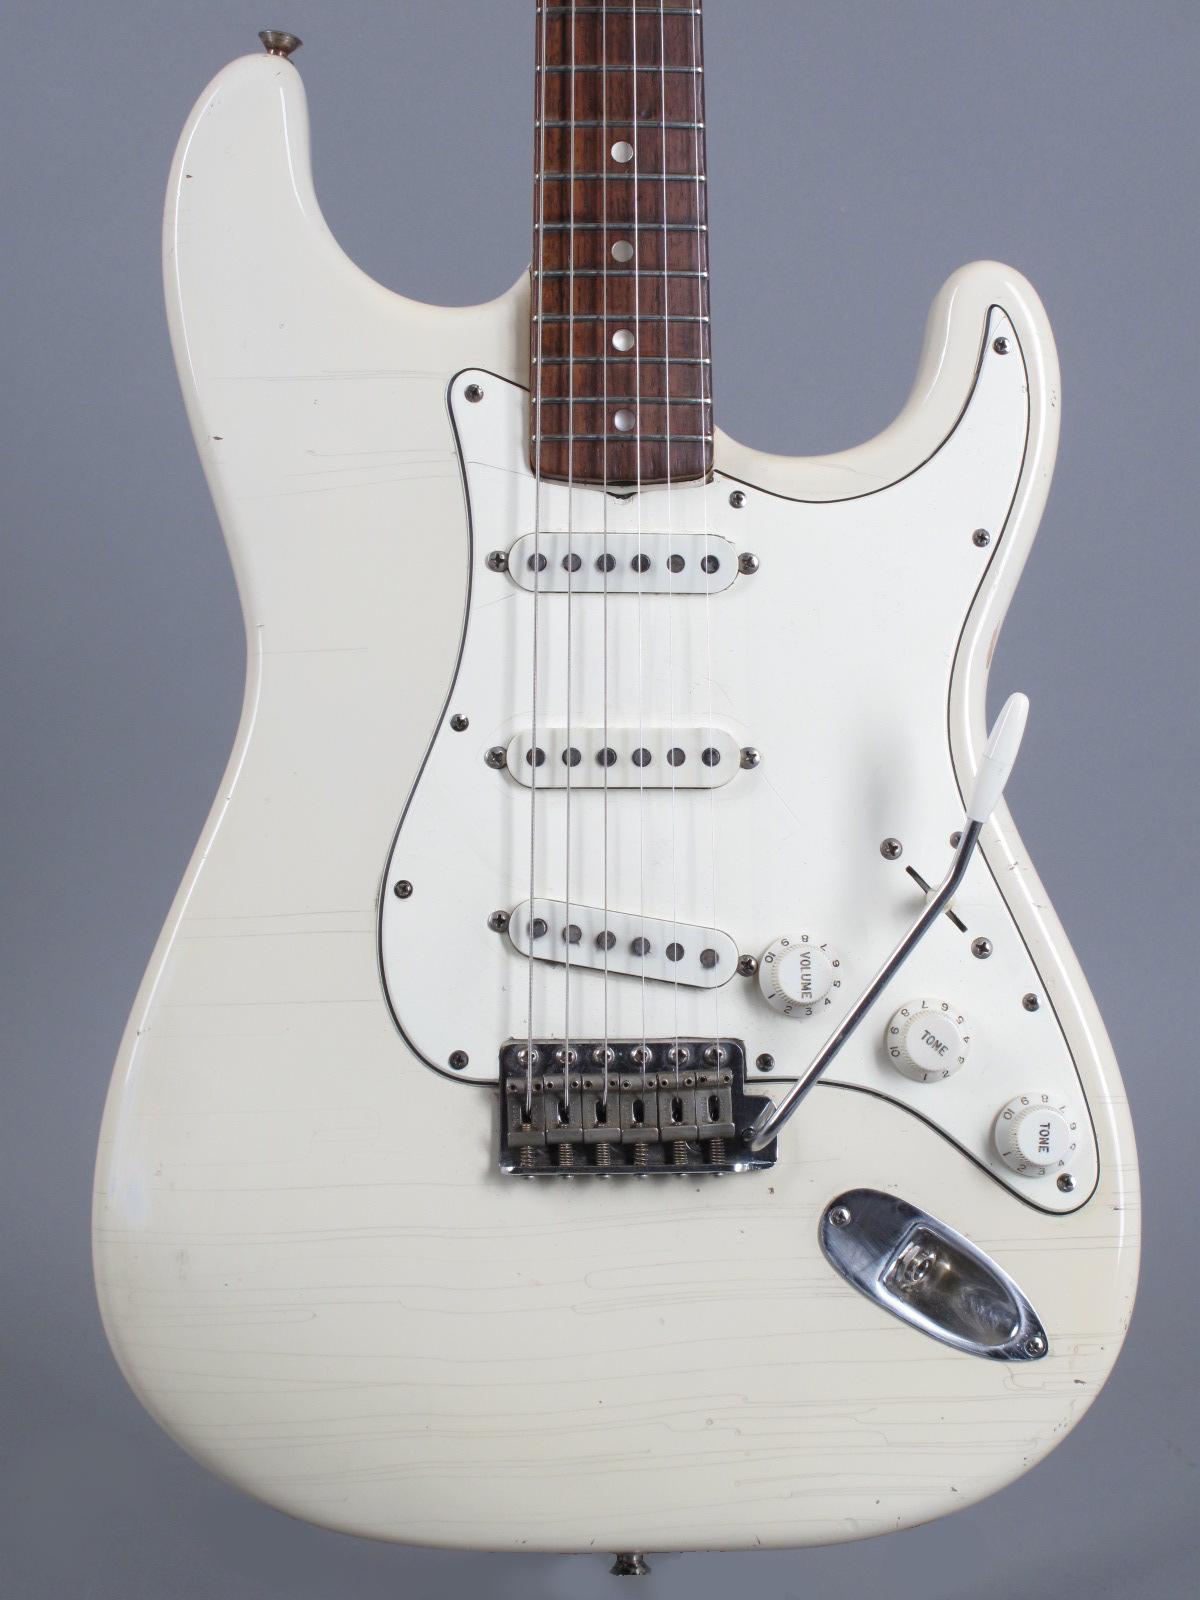 1969 Fender Stratocaster - Olypmpic White Refin